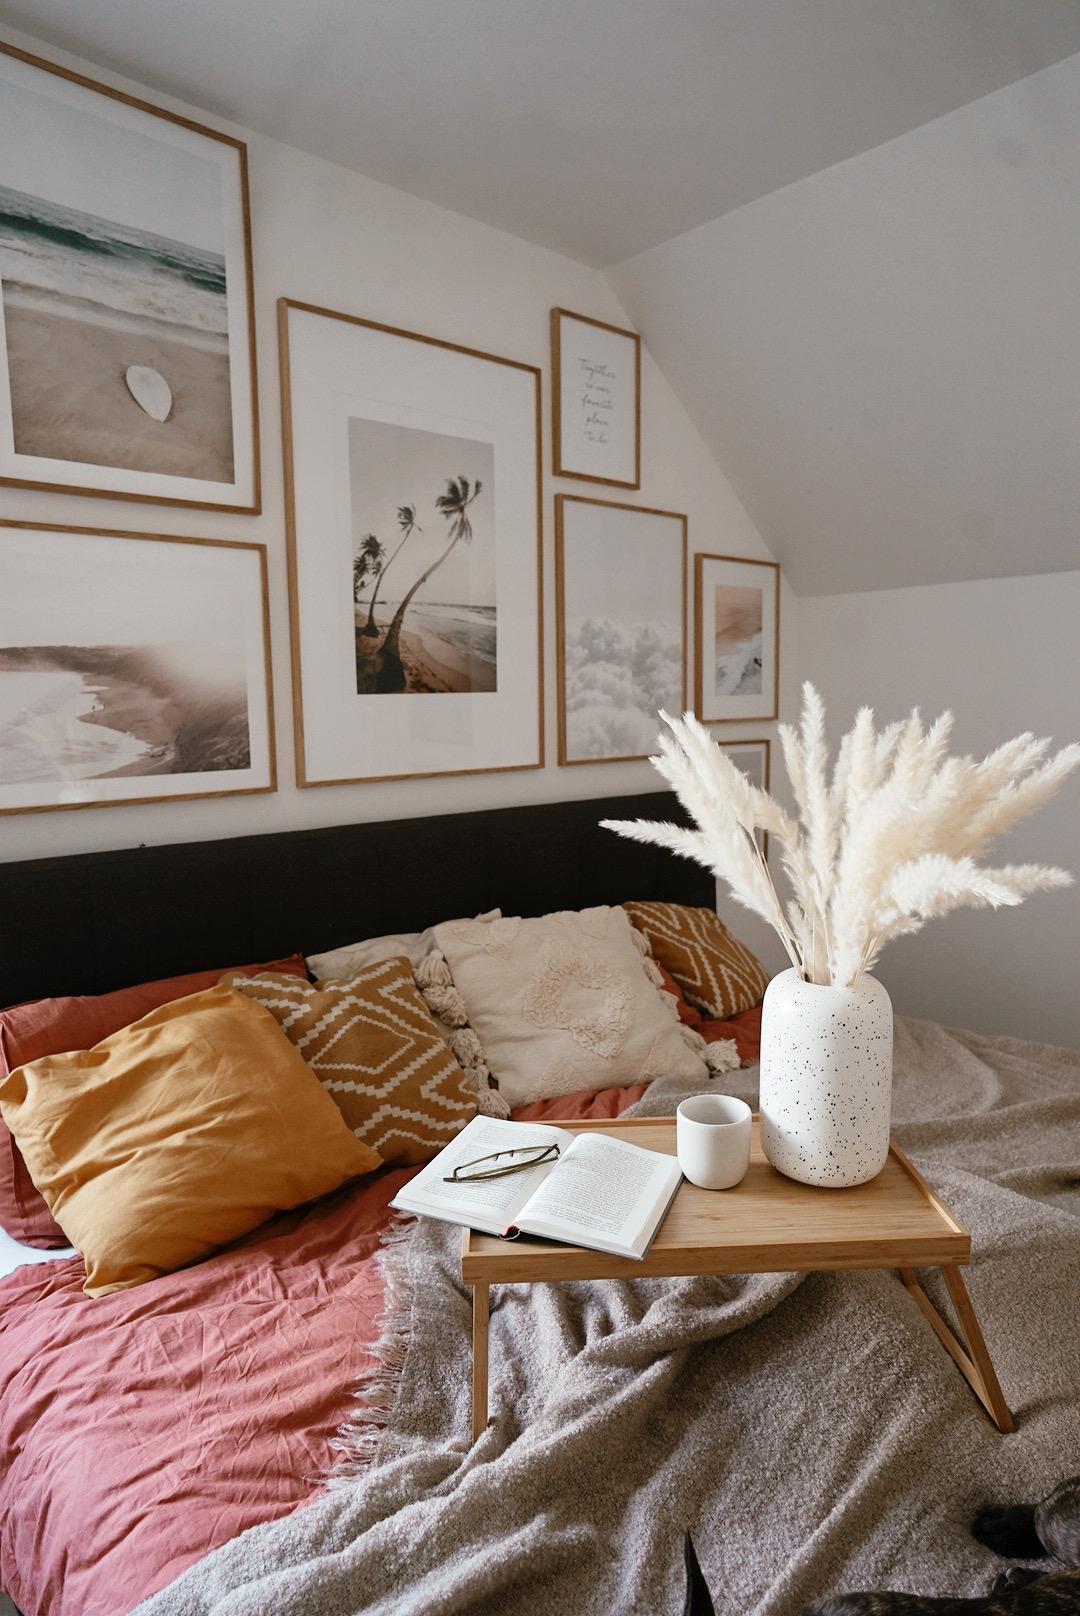 Inspiriert vom coolen und lockeren australischen Einrichtungsstil. Mehr Wohnideen und weitere Homestories findest du auf desmondo.de